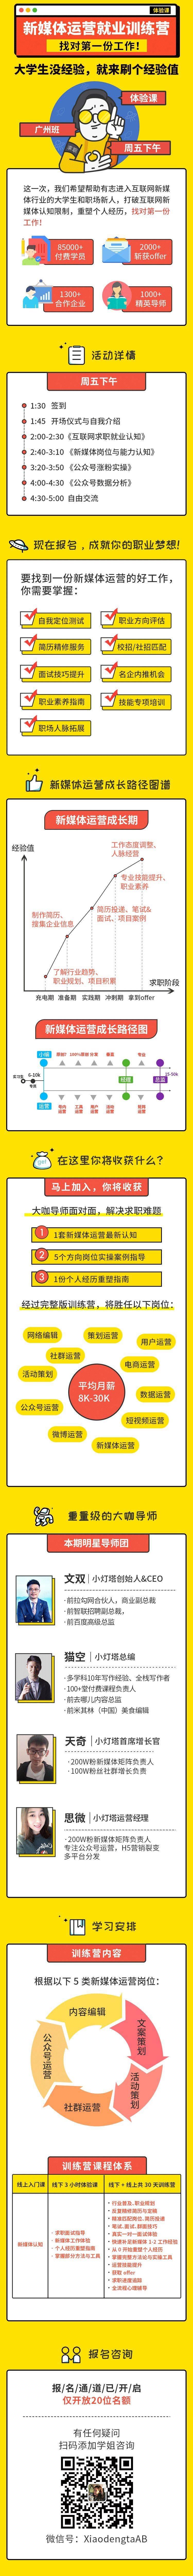 【训练营】(体验课)新媒体运营就业训练营内容详情页设计(1).png